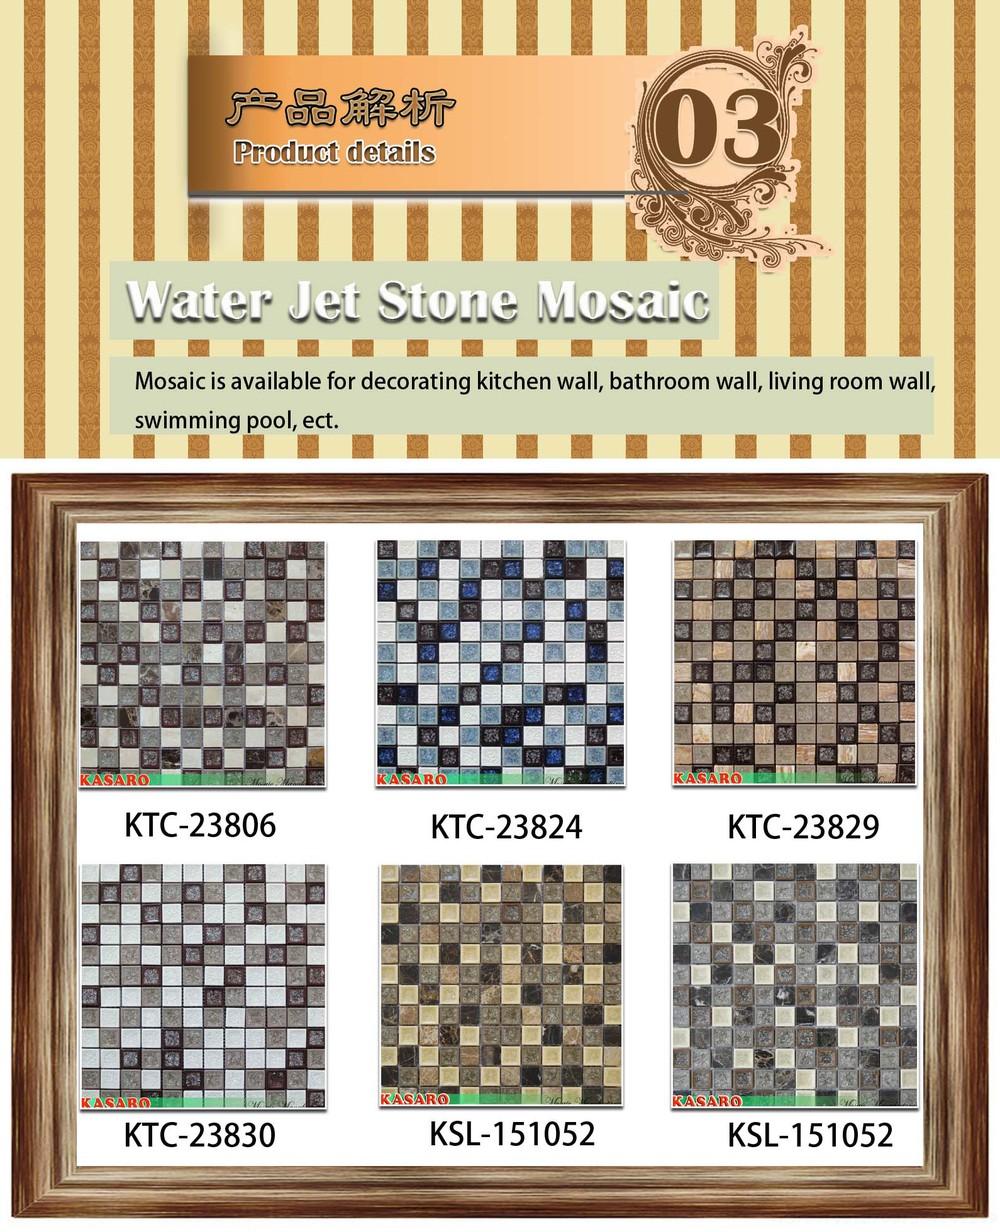 Ceramic Tile Manufacturers Ceramic Floor Tile Bathroom Accessories Ktc 23829 Buy Ceramic